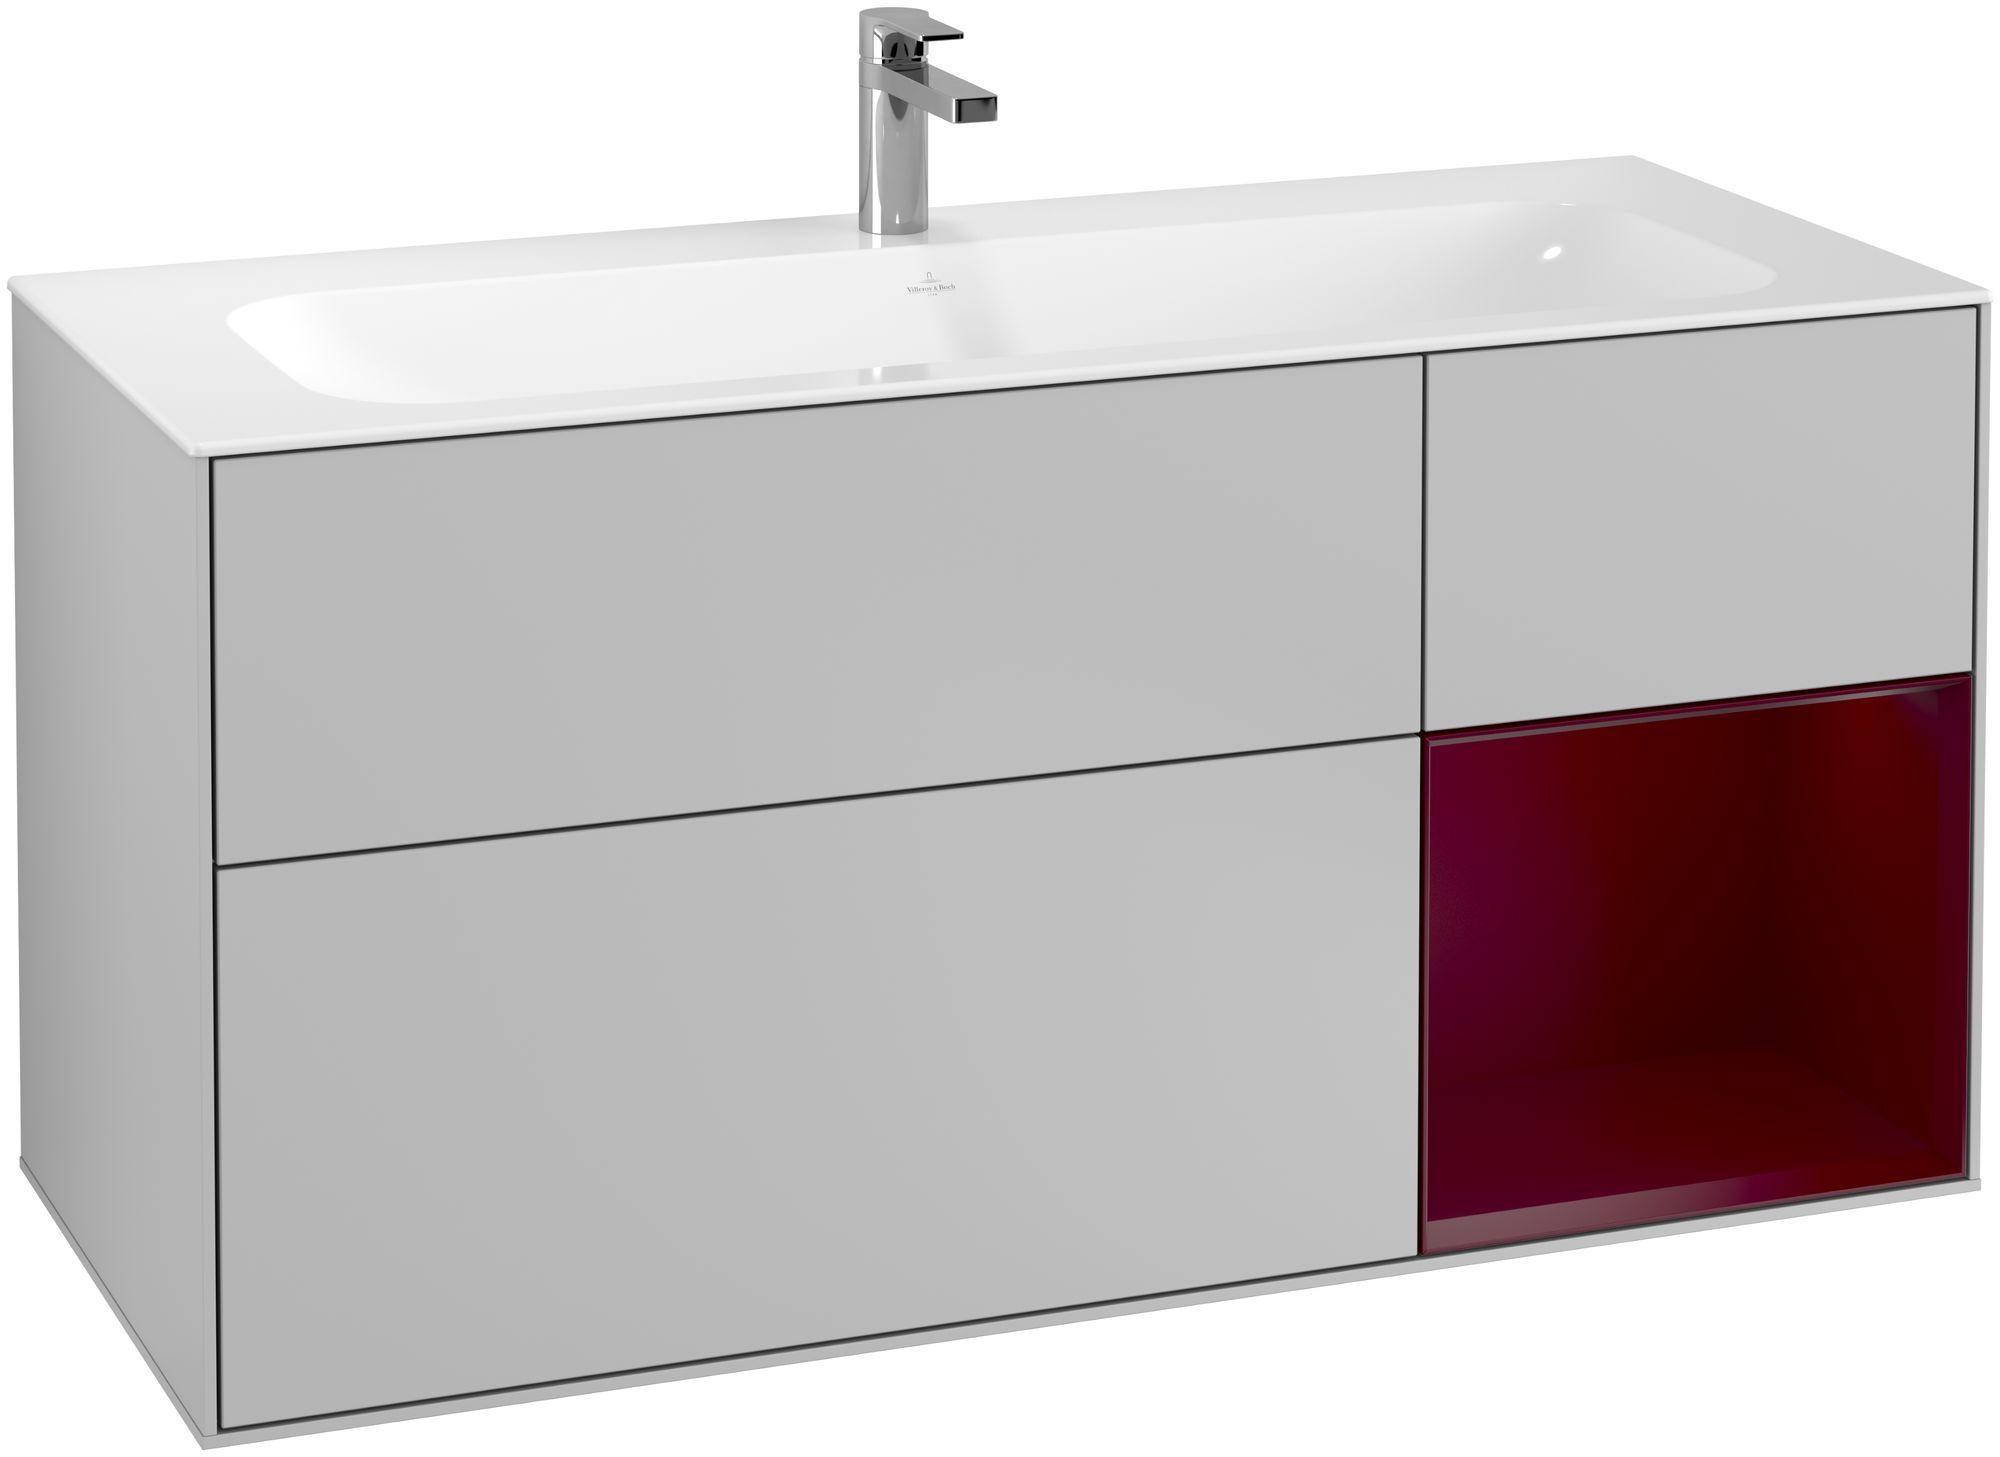 Villeroy & Boch Finion G07 Waschtischunterschrank mit Regalelement 3 Auszüge LED-Beleuchtung B:119,6xH:59,1xT:49,8cm Front, Korpus: Light Grey Matt, Regal: Peony G070HBGJ